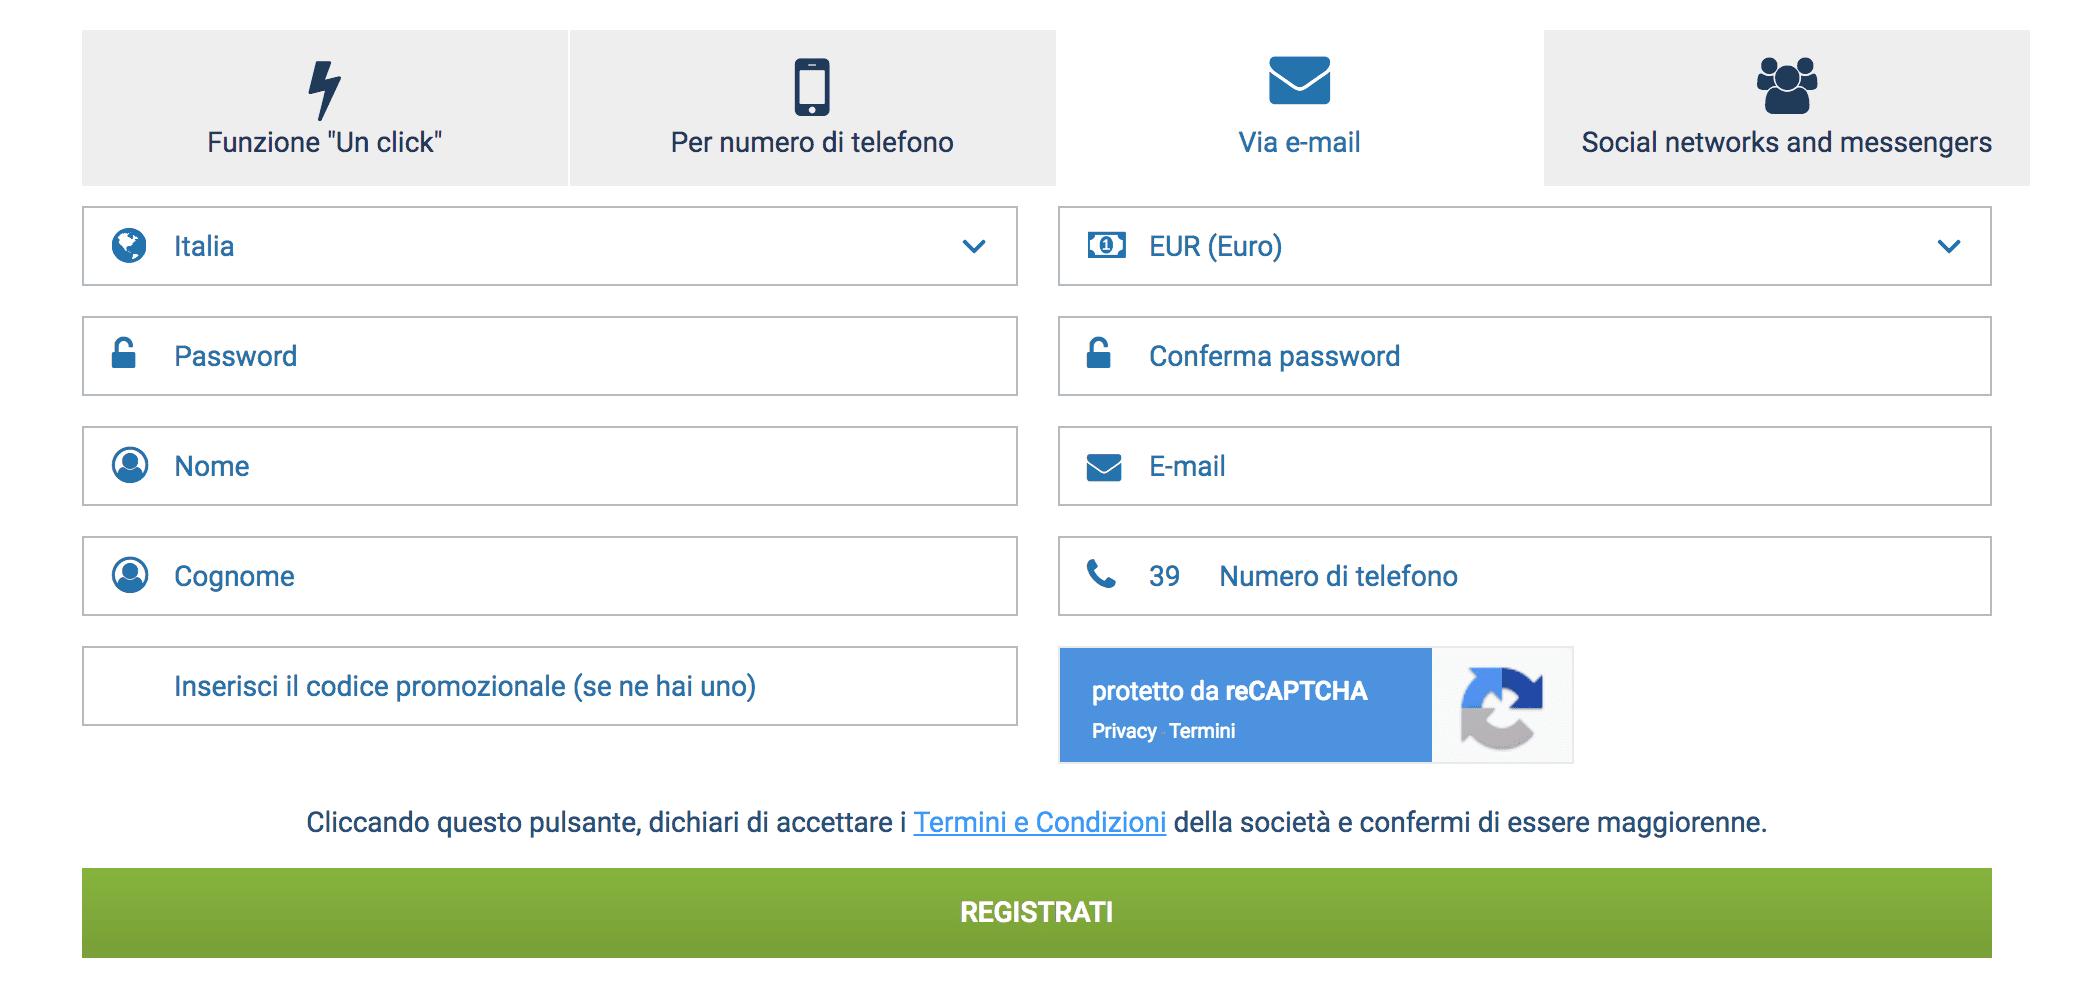 iscriviti a 1xbet tramite email